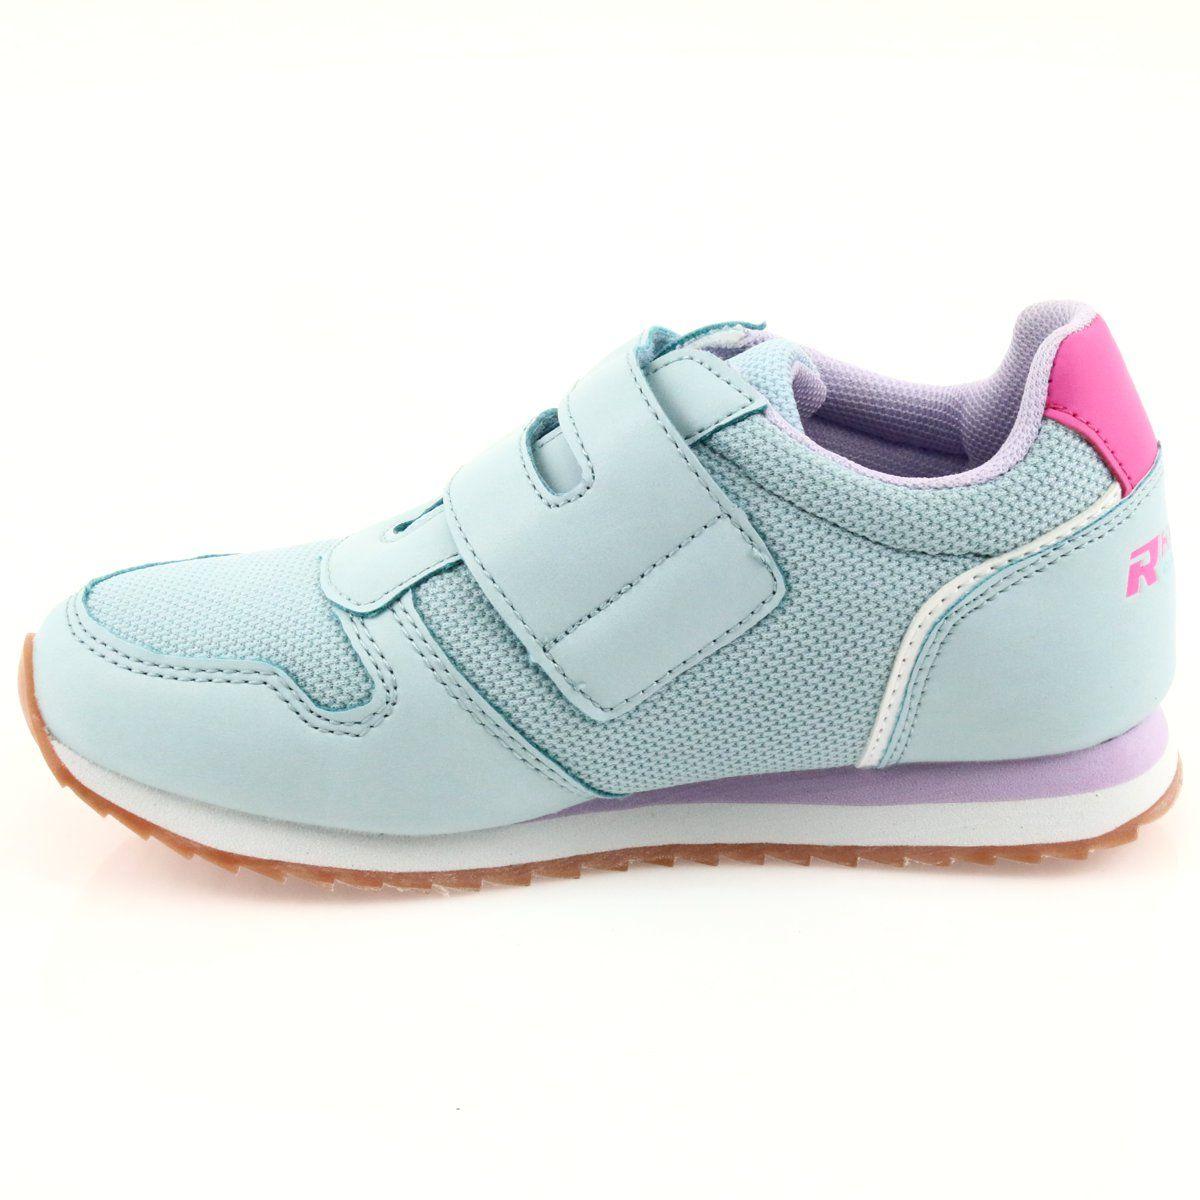 American Club Buty Sportowe Dziewczece Jogging American Fioletowe Niebieskie Rozowe